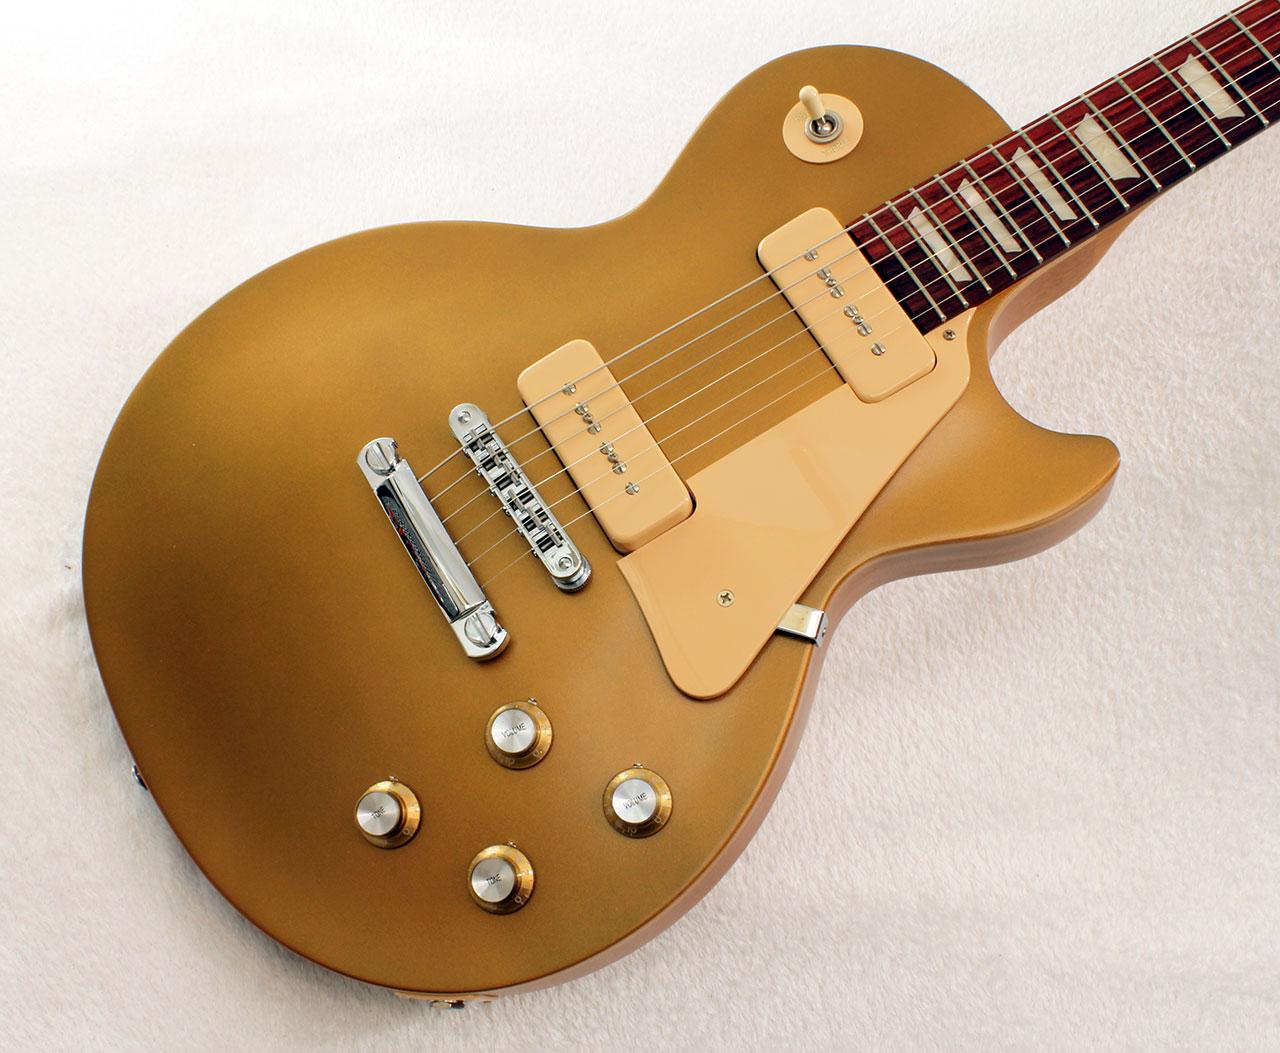 Gibson Les Paul Studio Pickup Rings